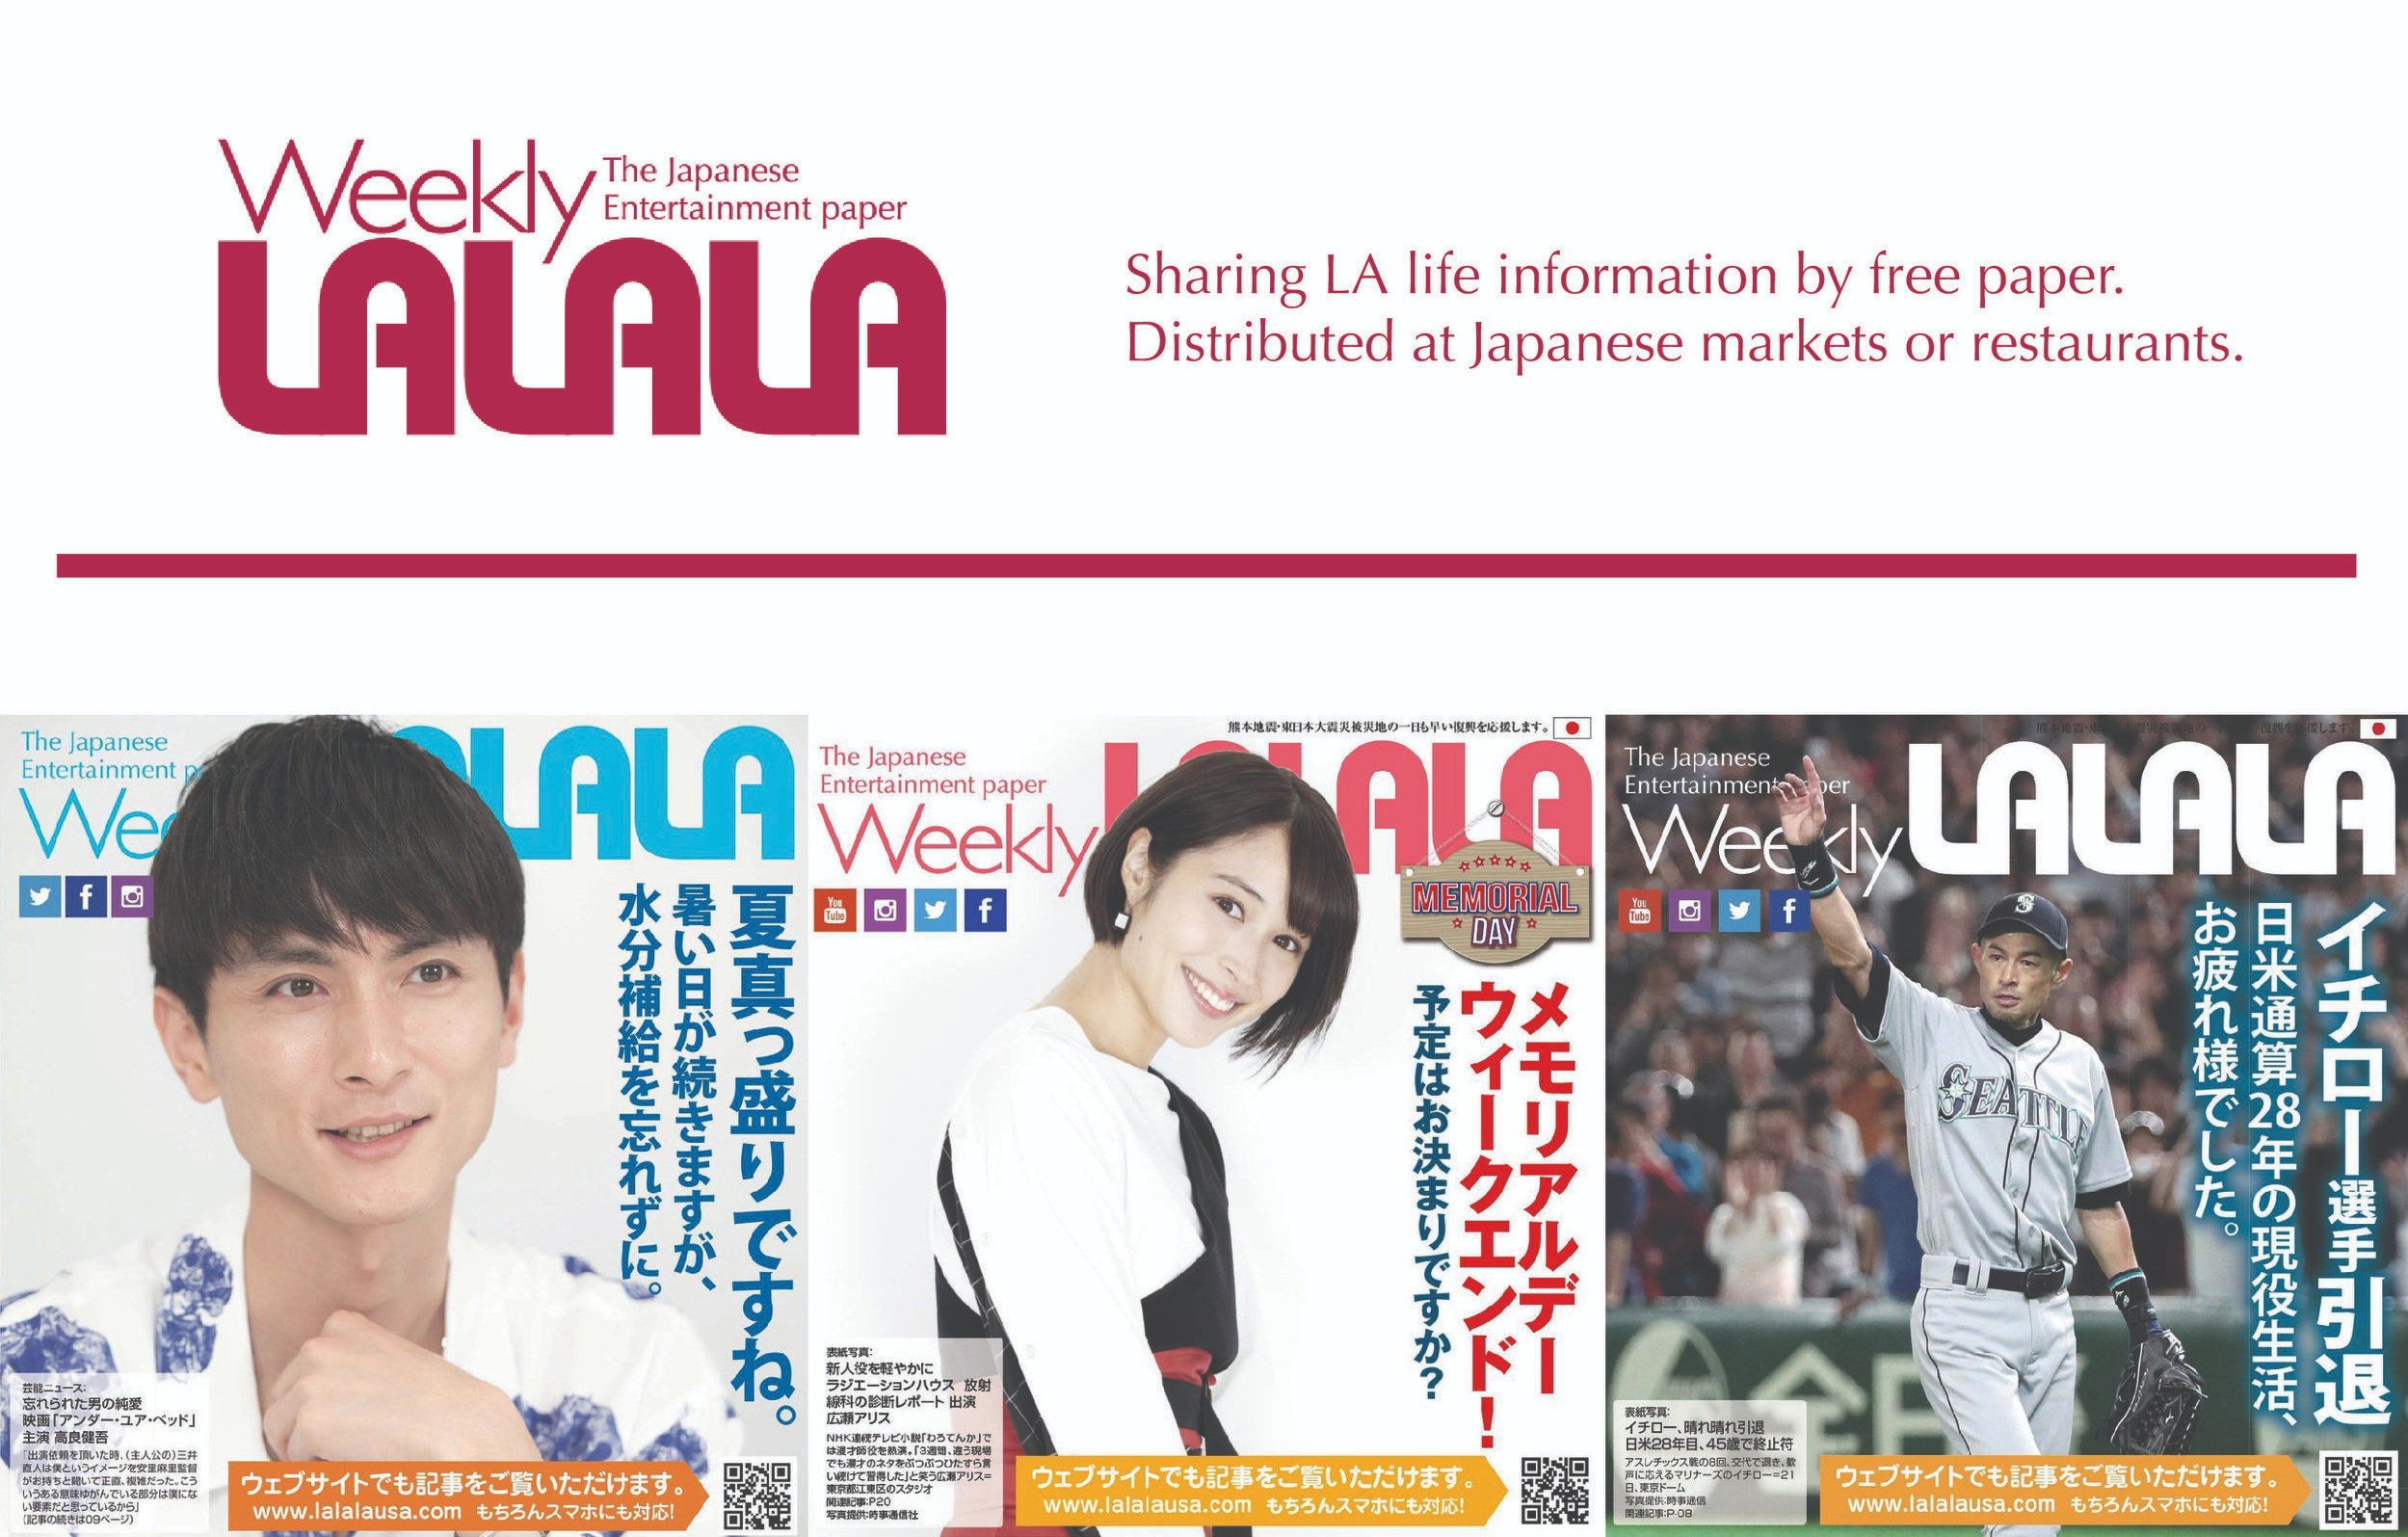 WeeklyLALALA_Sponsor.jpg